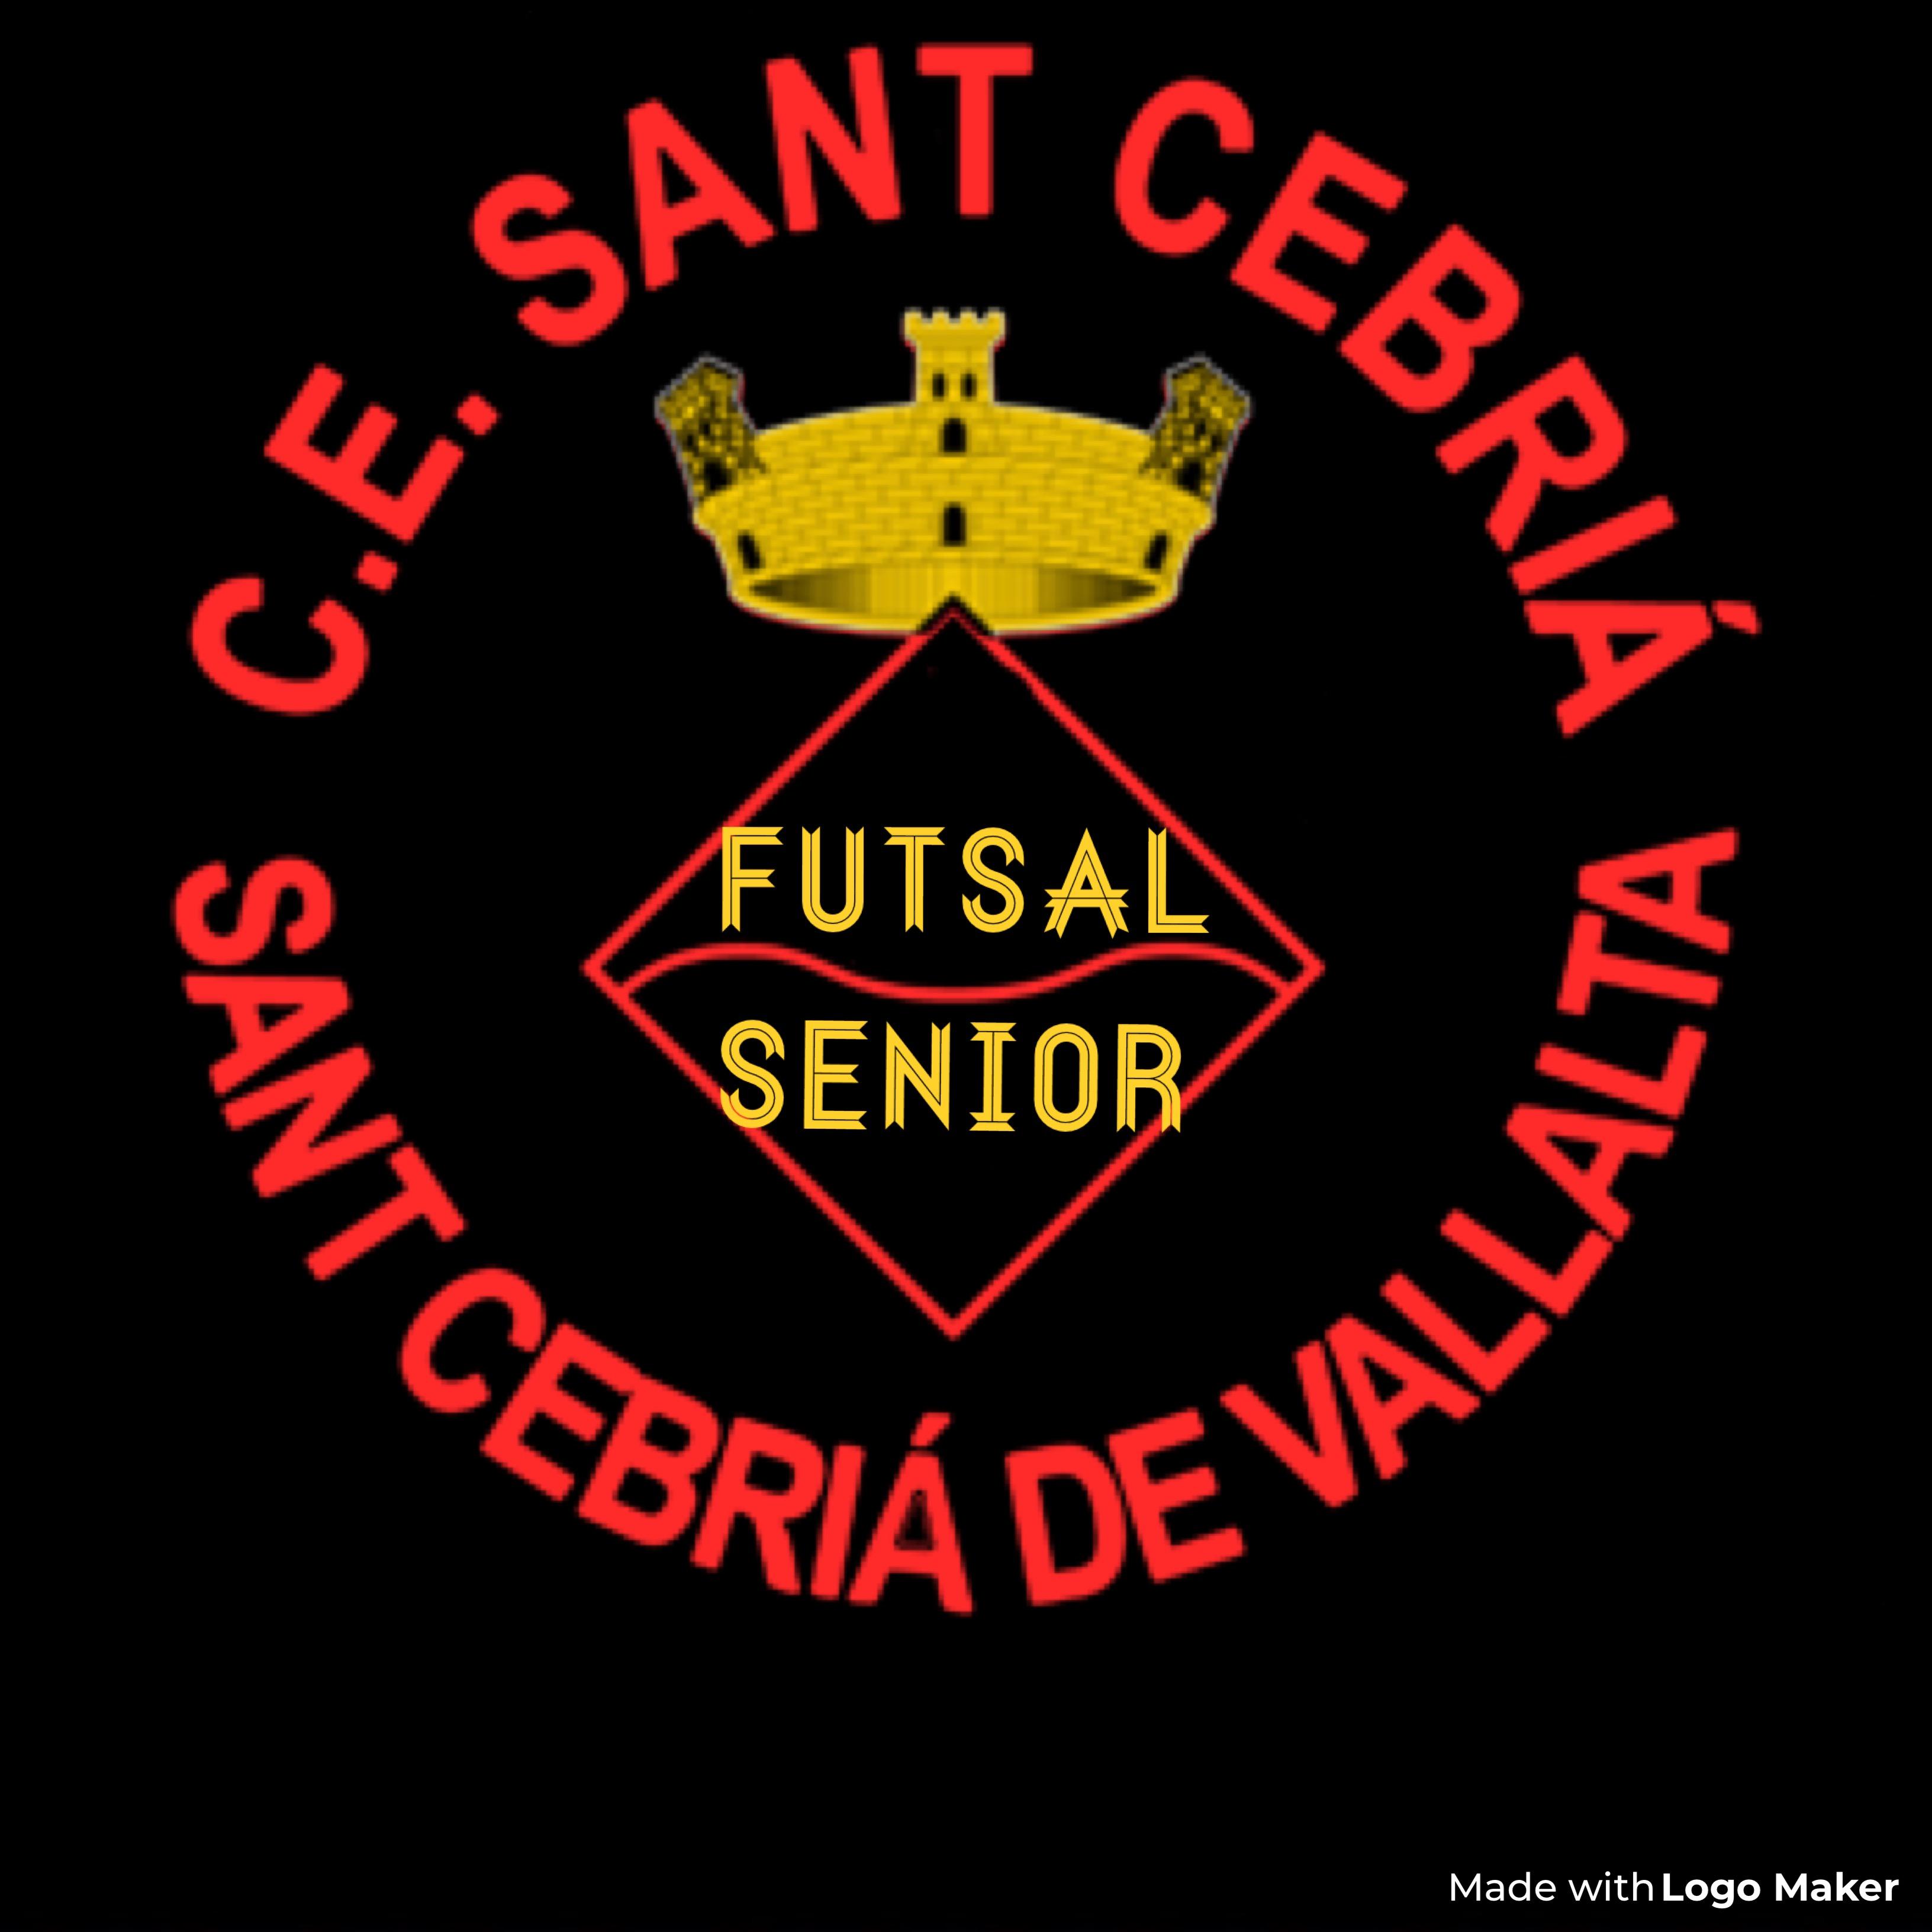 Sant Cebrià de Vallalta F.S